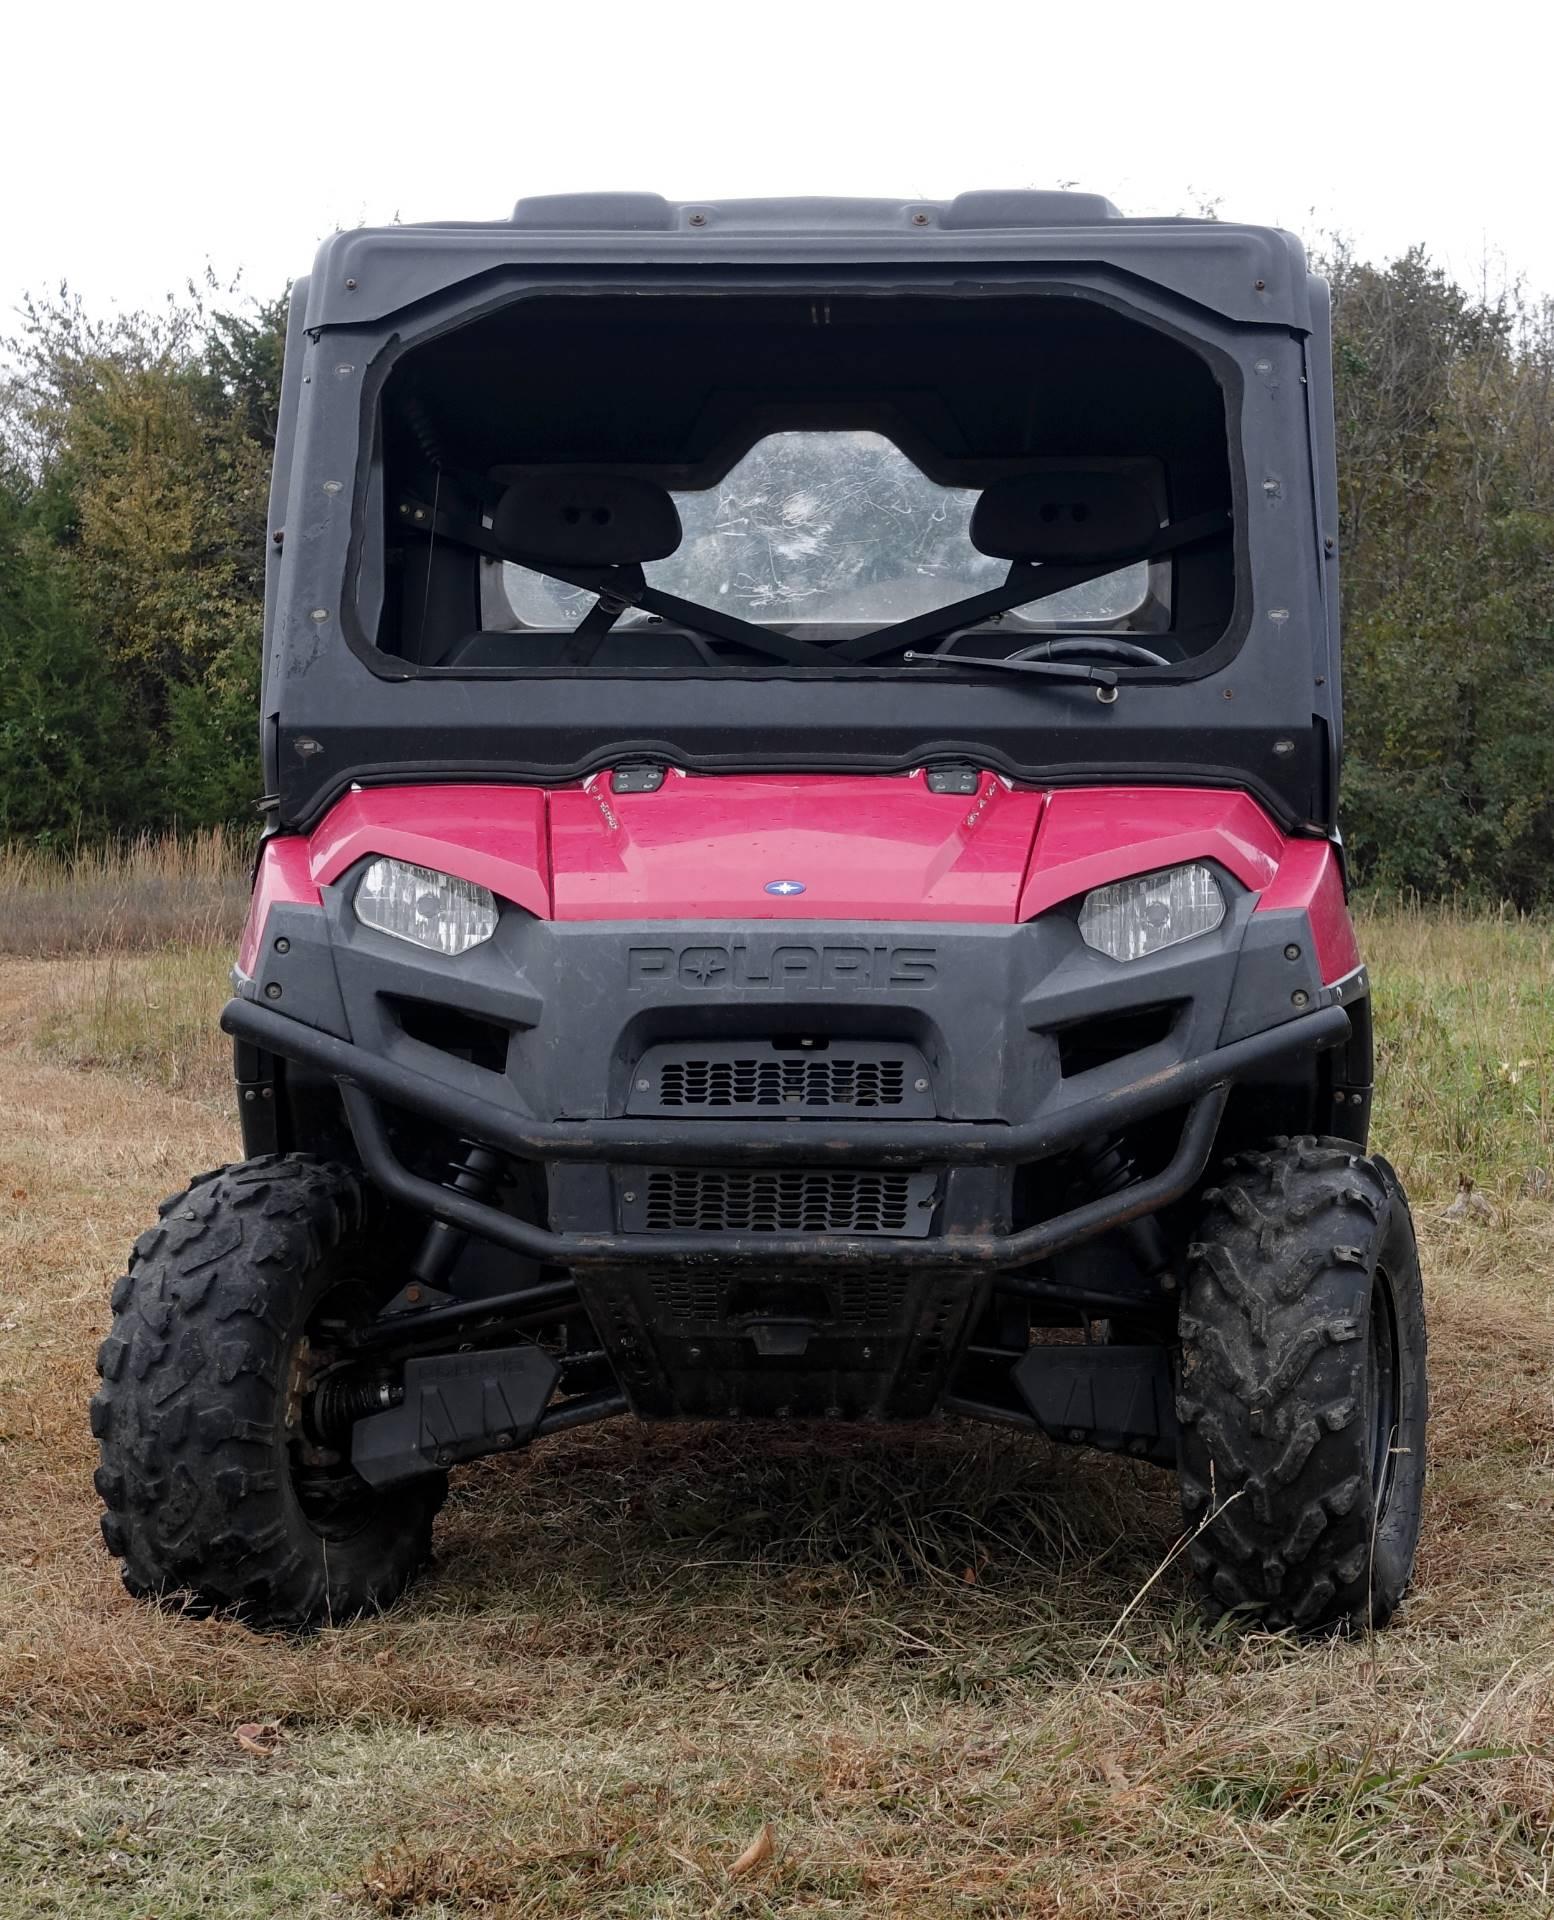 2013 Ranger 800 EFI